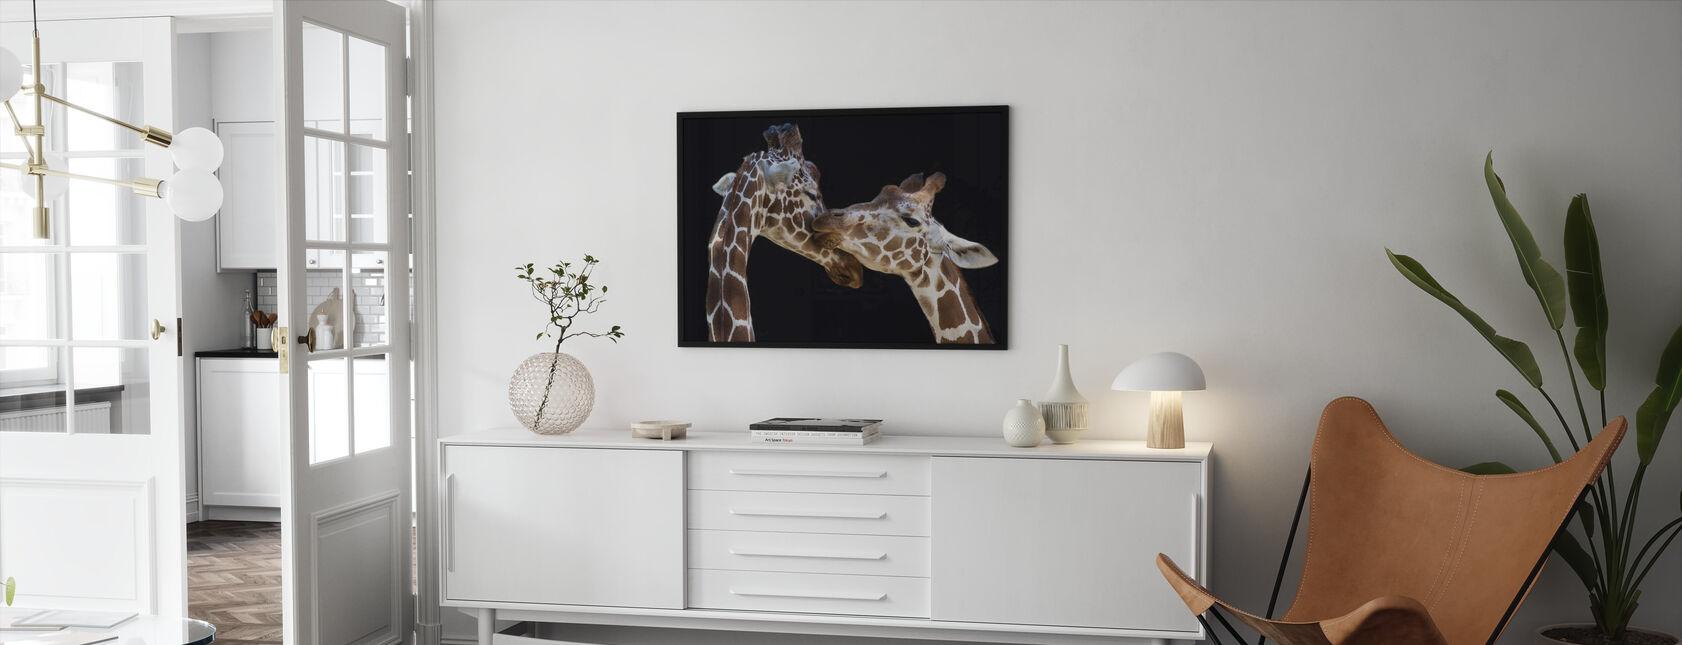 Giraffes Kissing - Framed print - Living Room